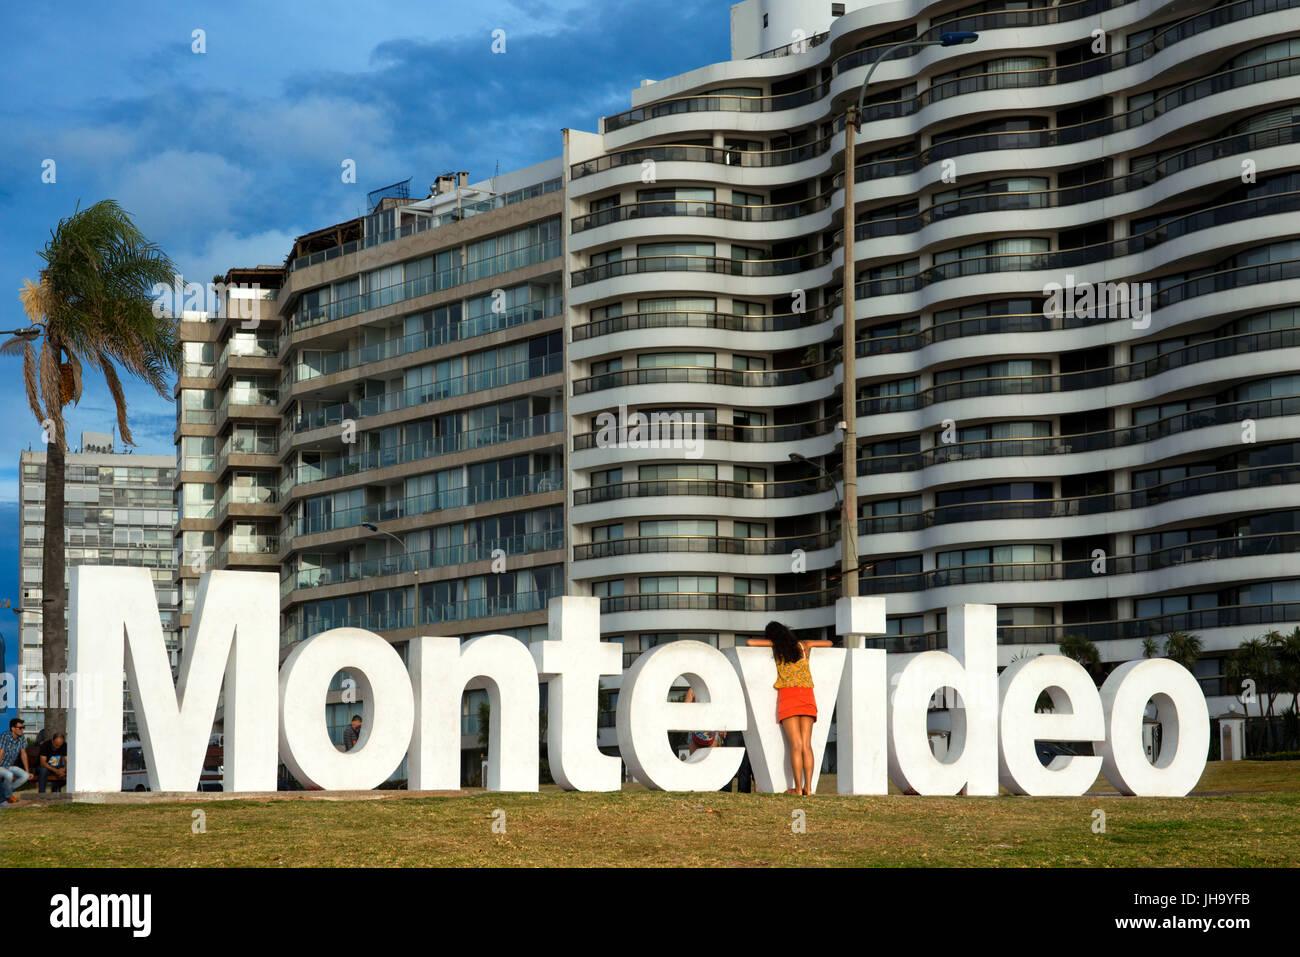 Montevideo scritto in lettere gigante presso la città orientale di accedere, Montevideo, Uruguay Immagini Stock